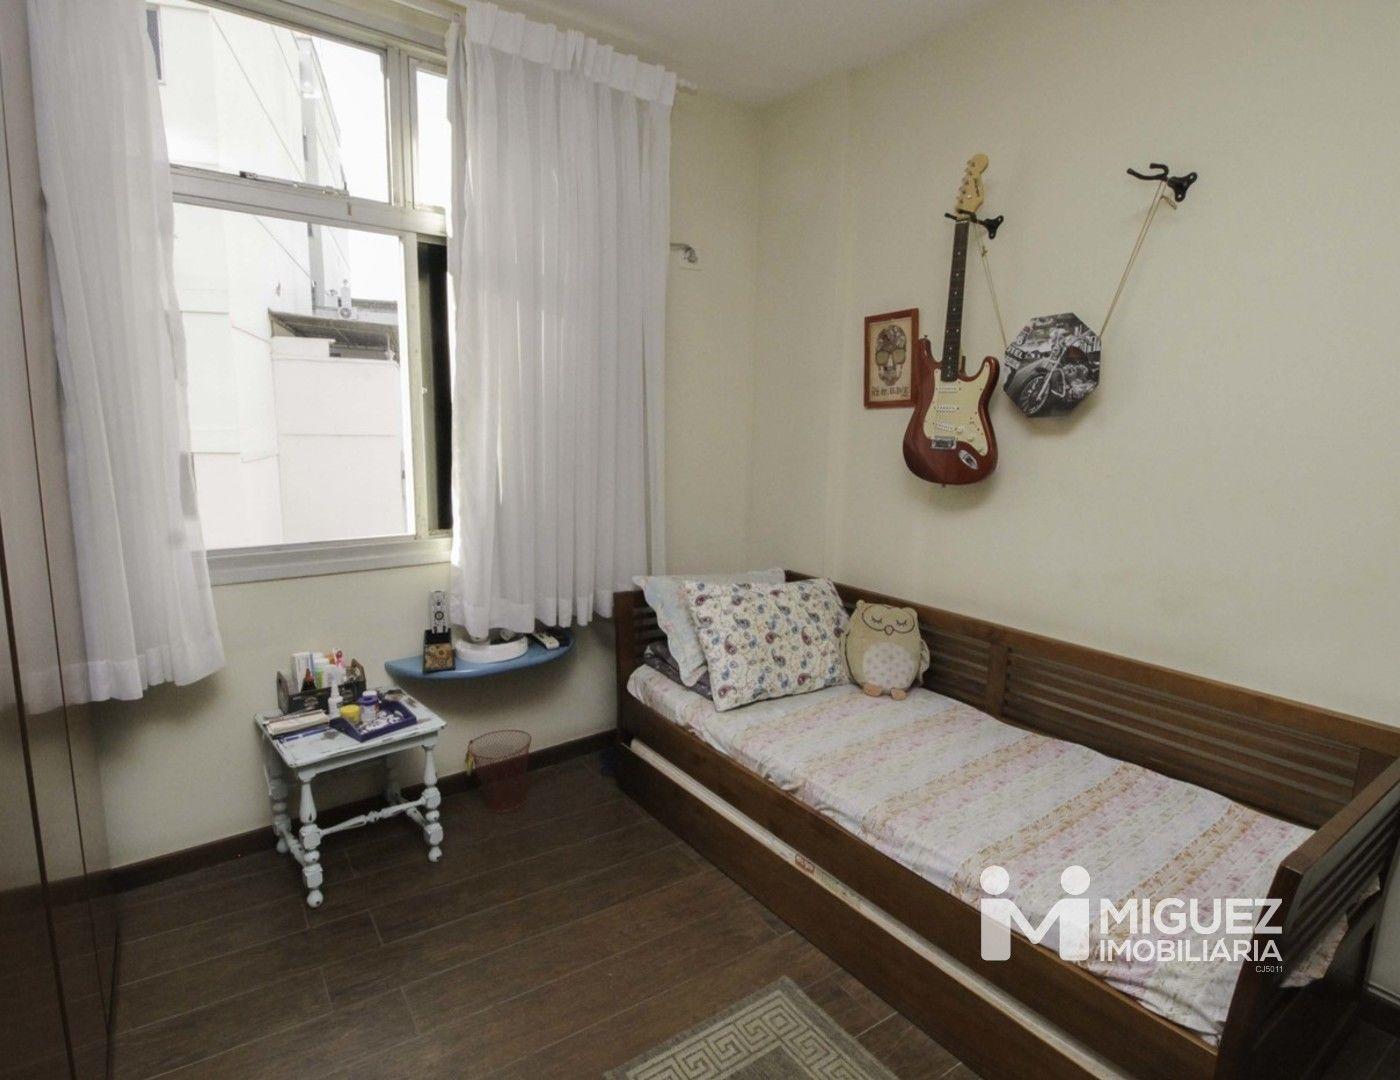 Apartamento, venda, Rua Visconde de Itamarati - Maracanã , Rio de janeiro